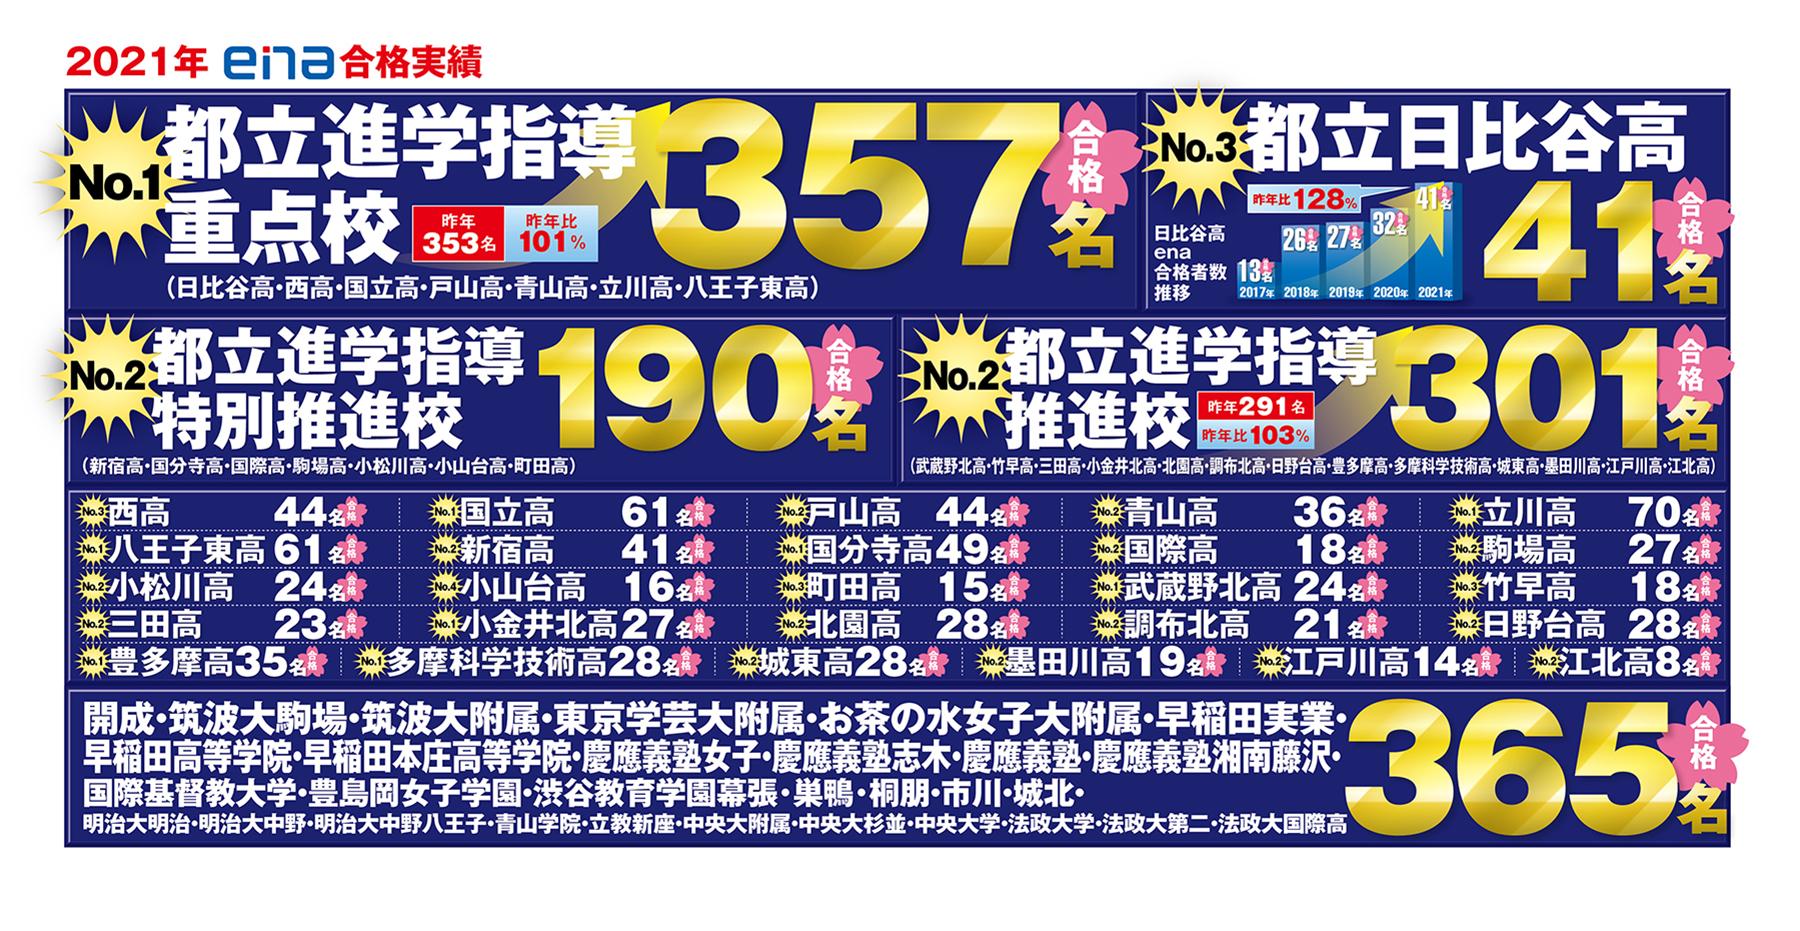 c1c2goushin2021_10_03